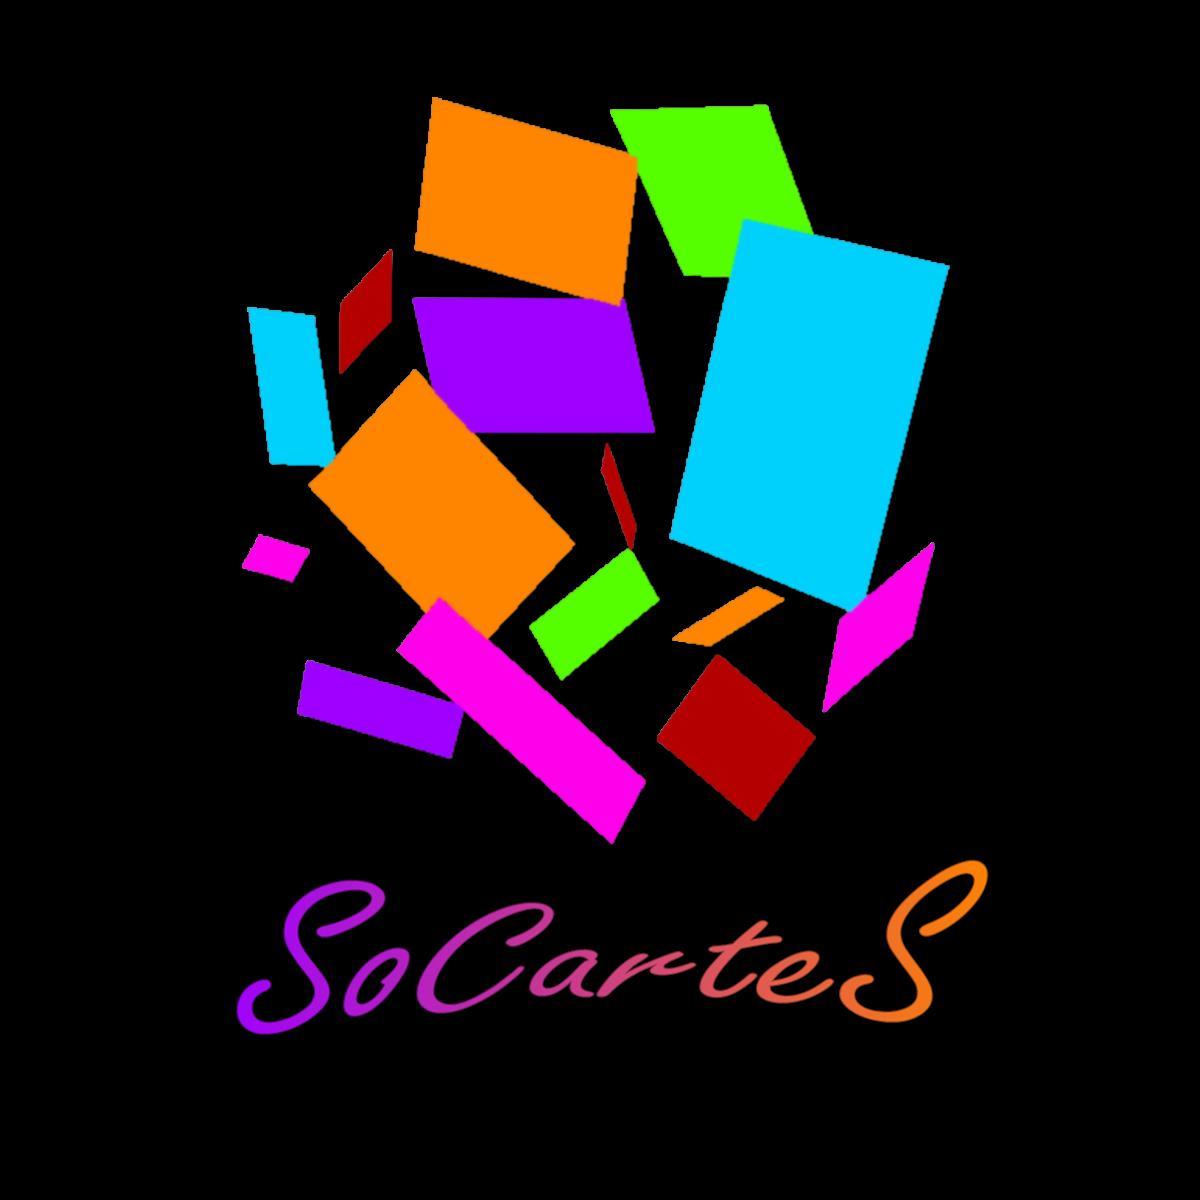 socartes